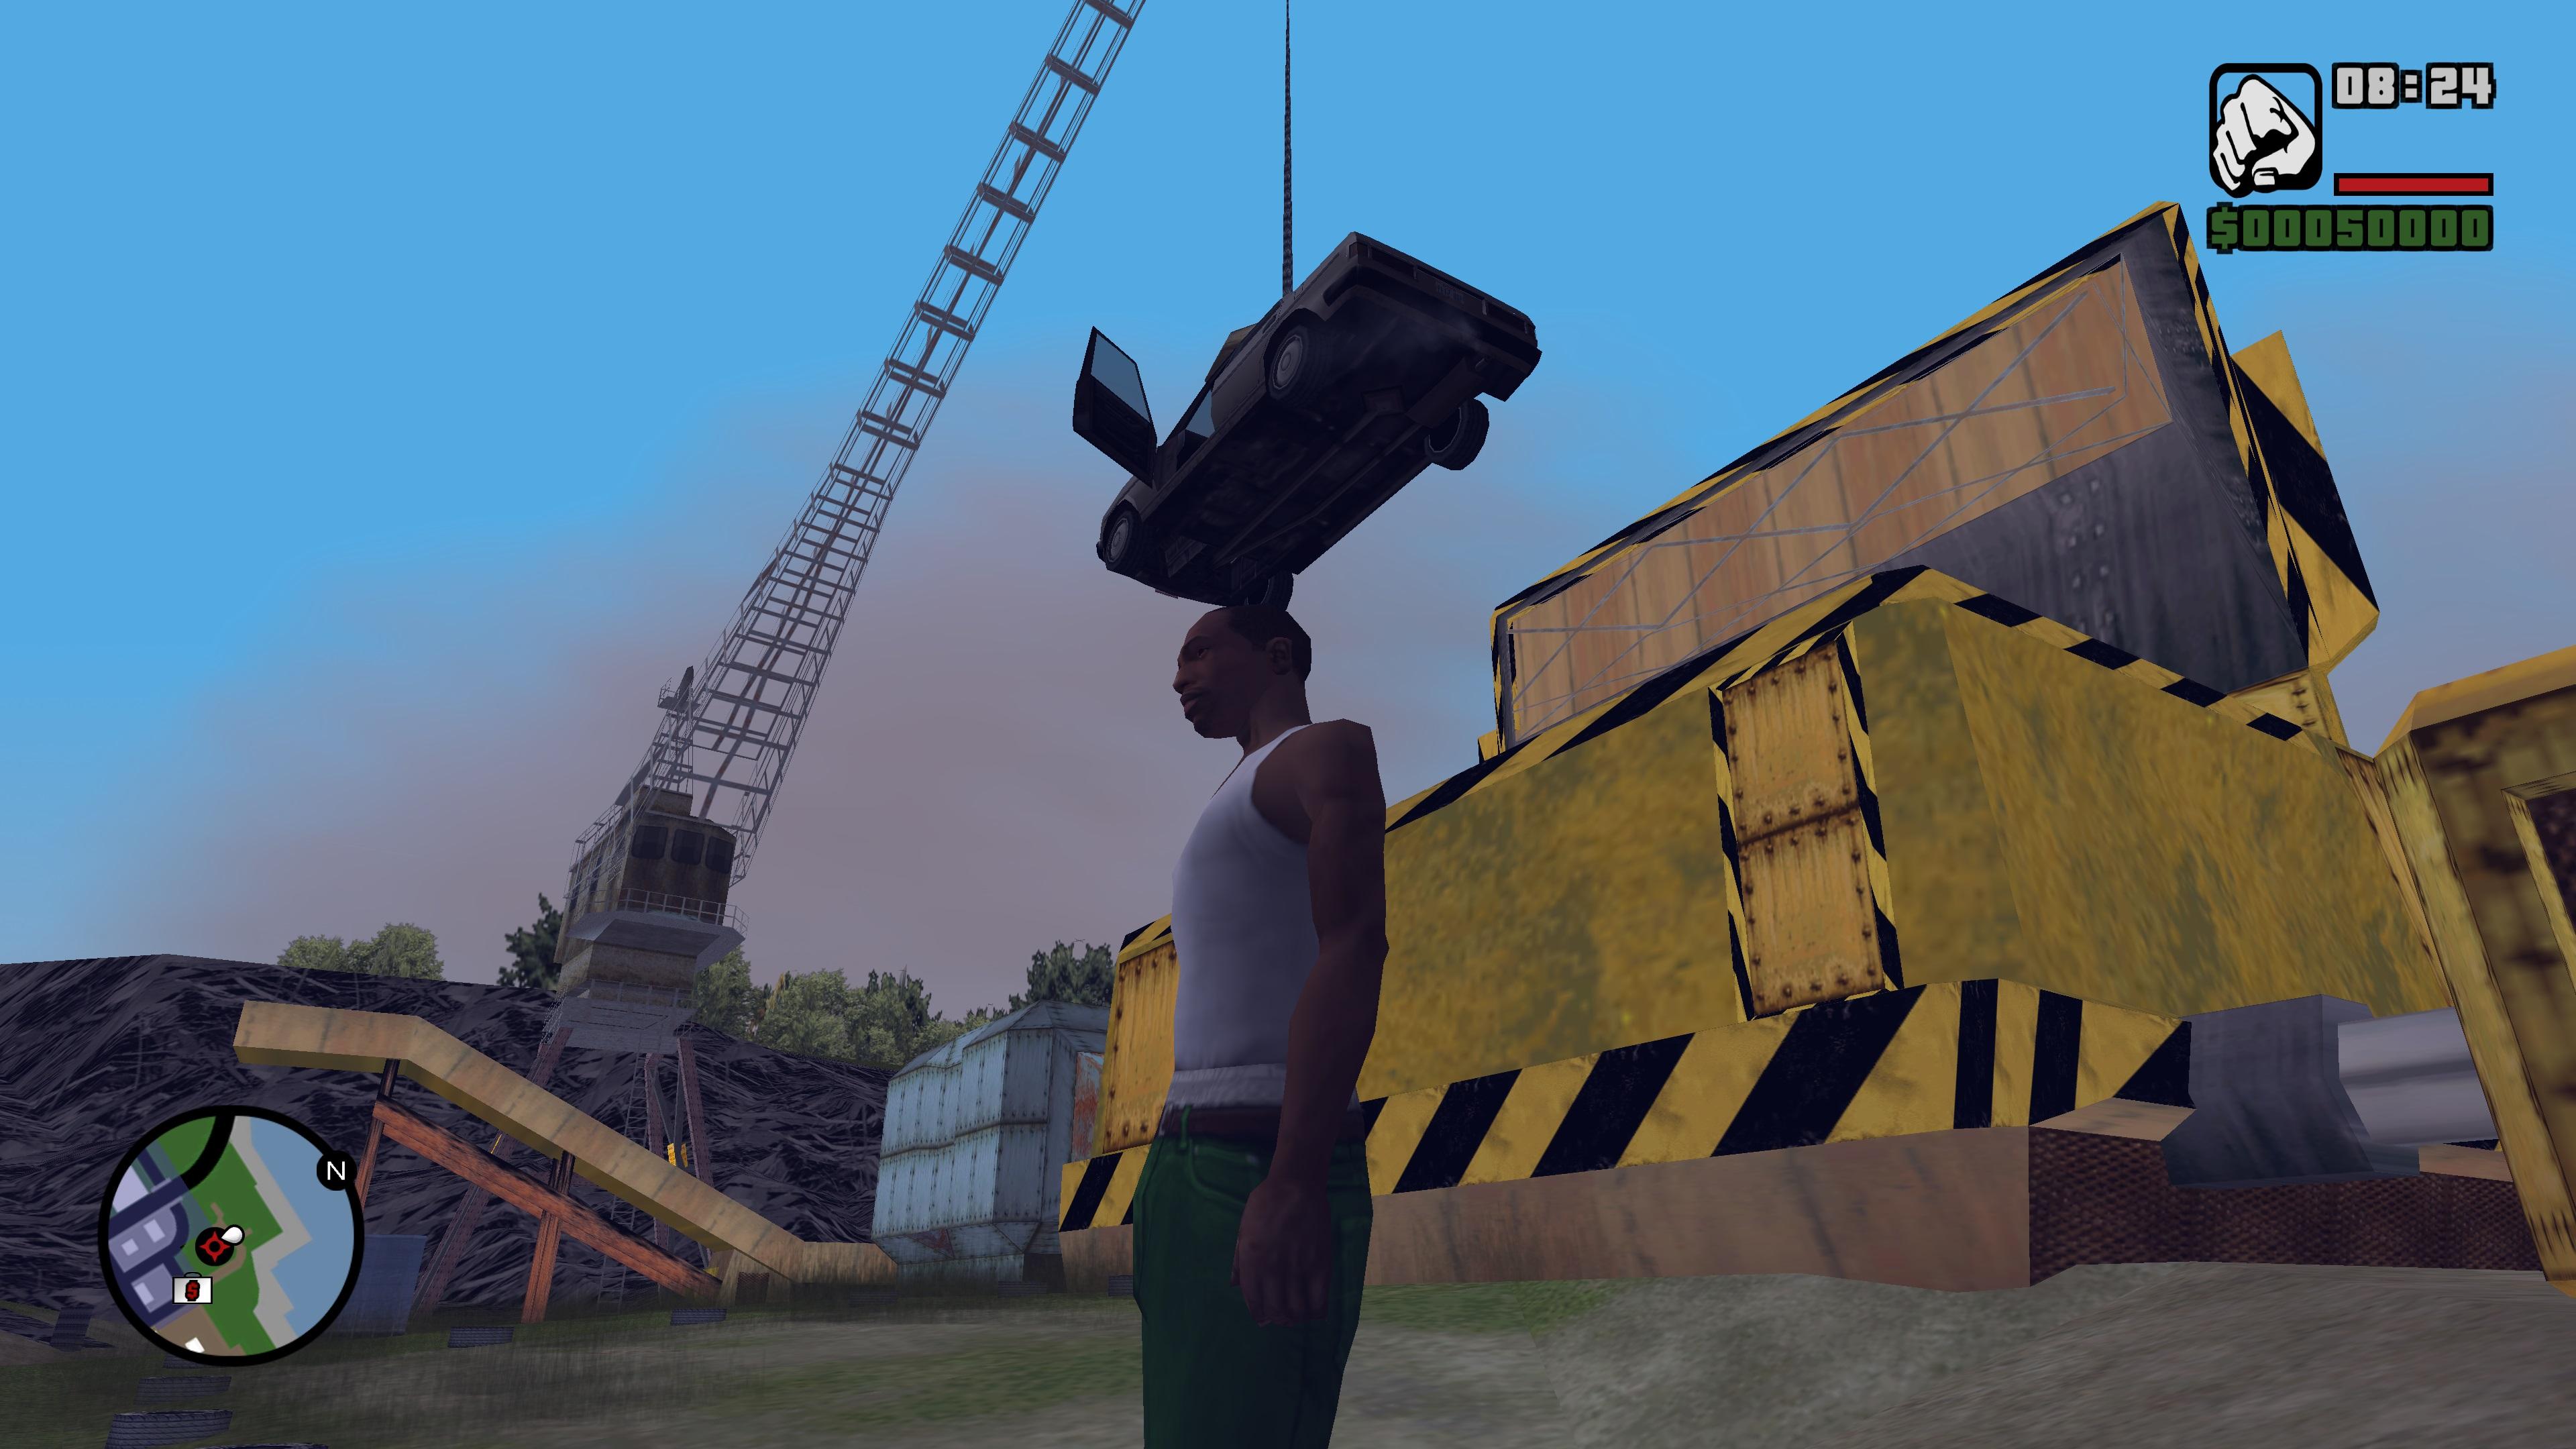 Gta Underground Screenshot 2020 1